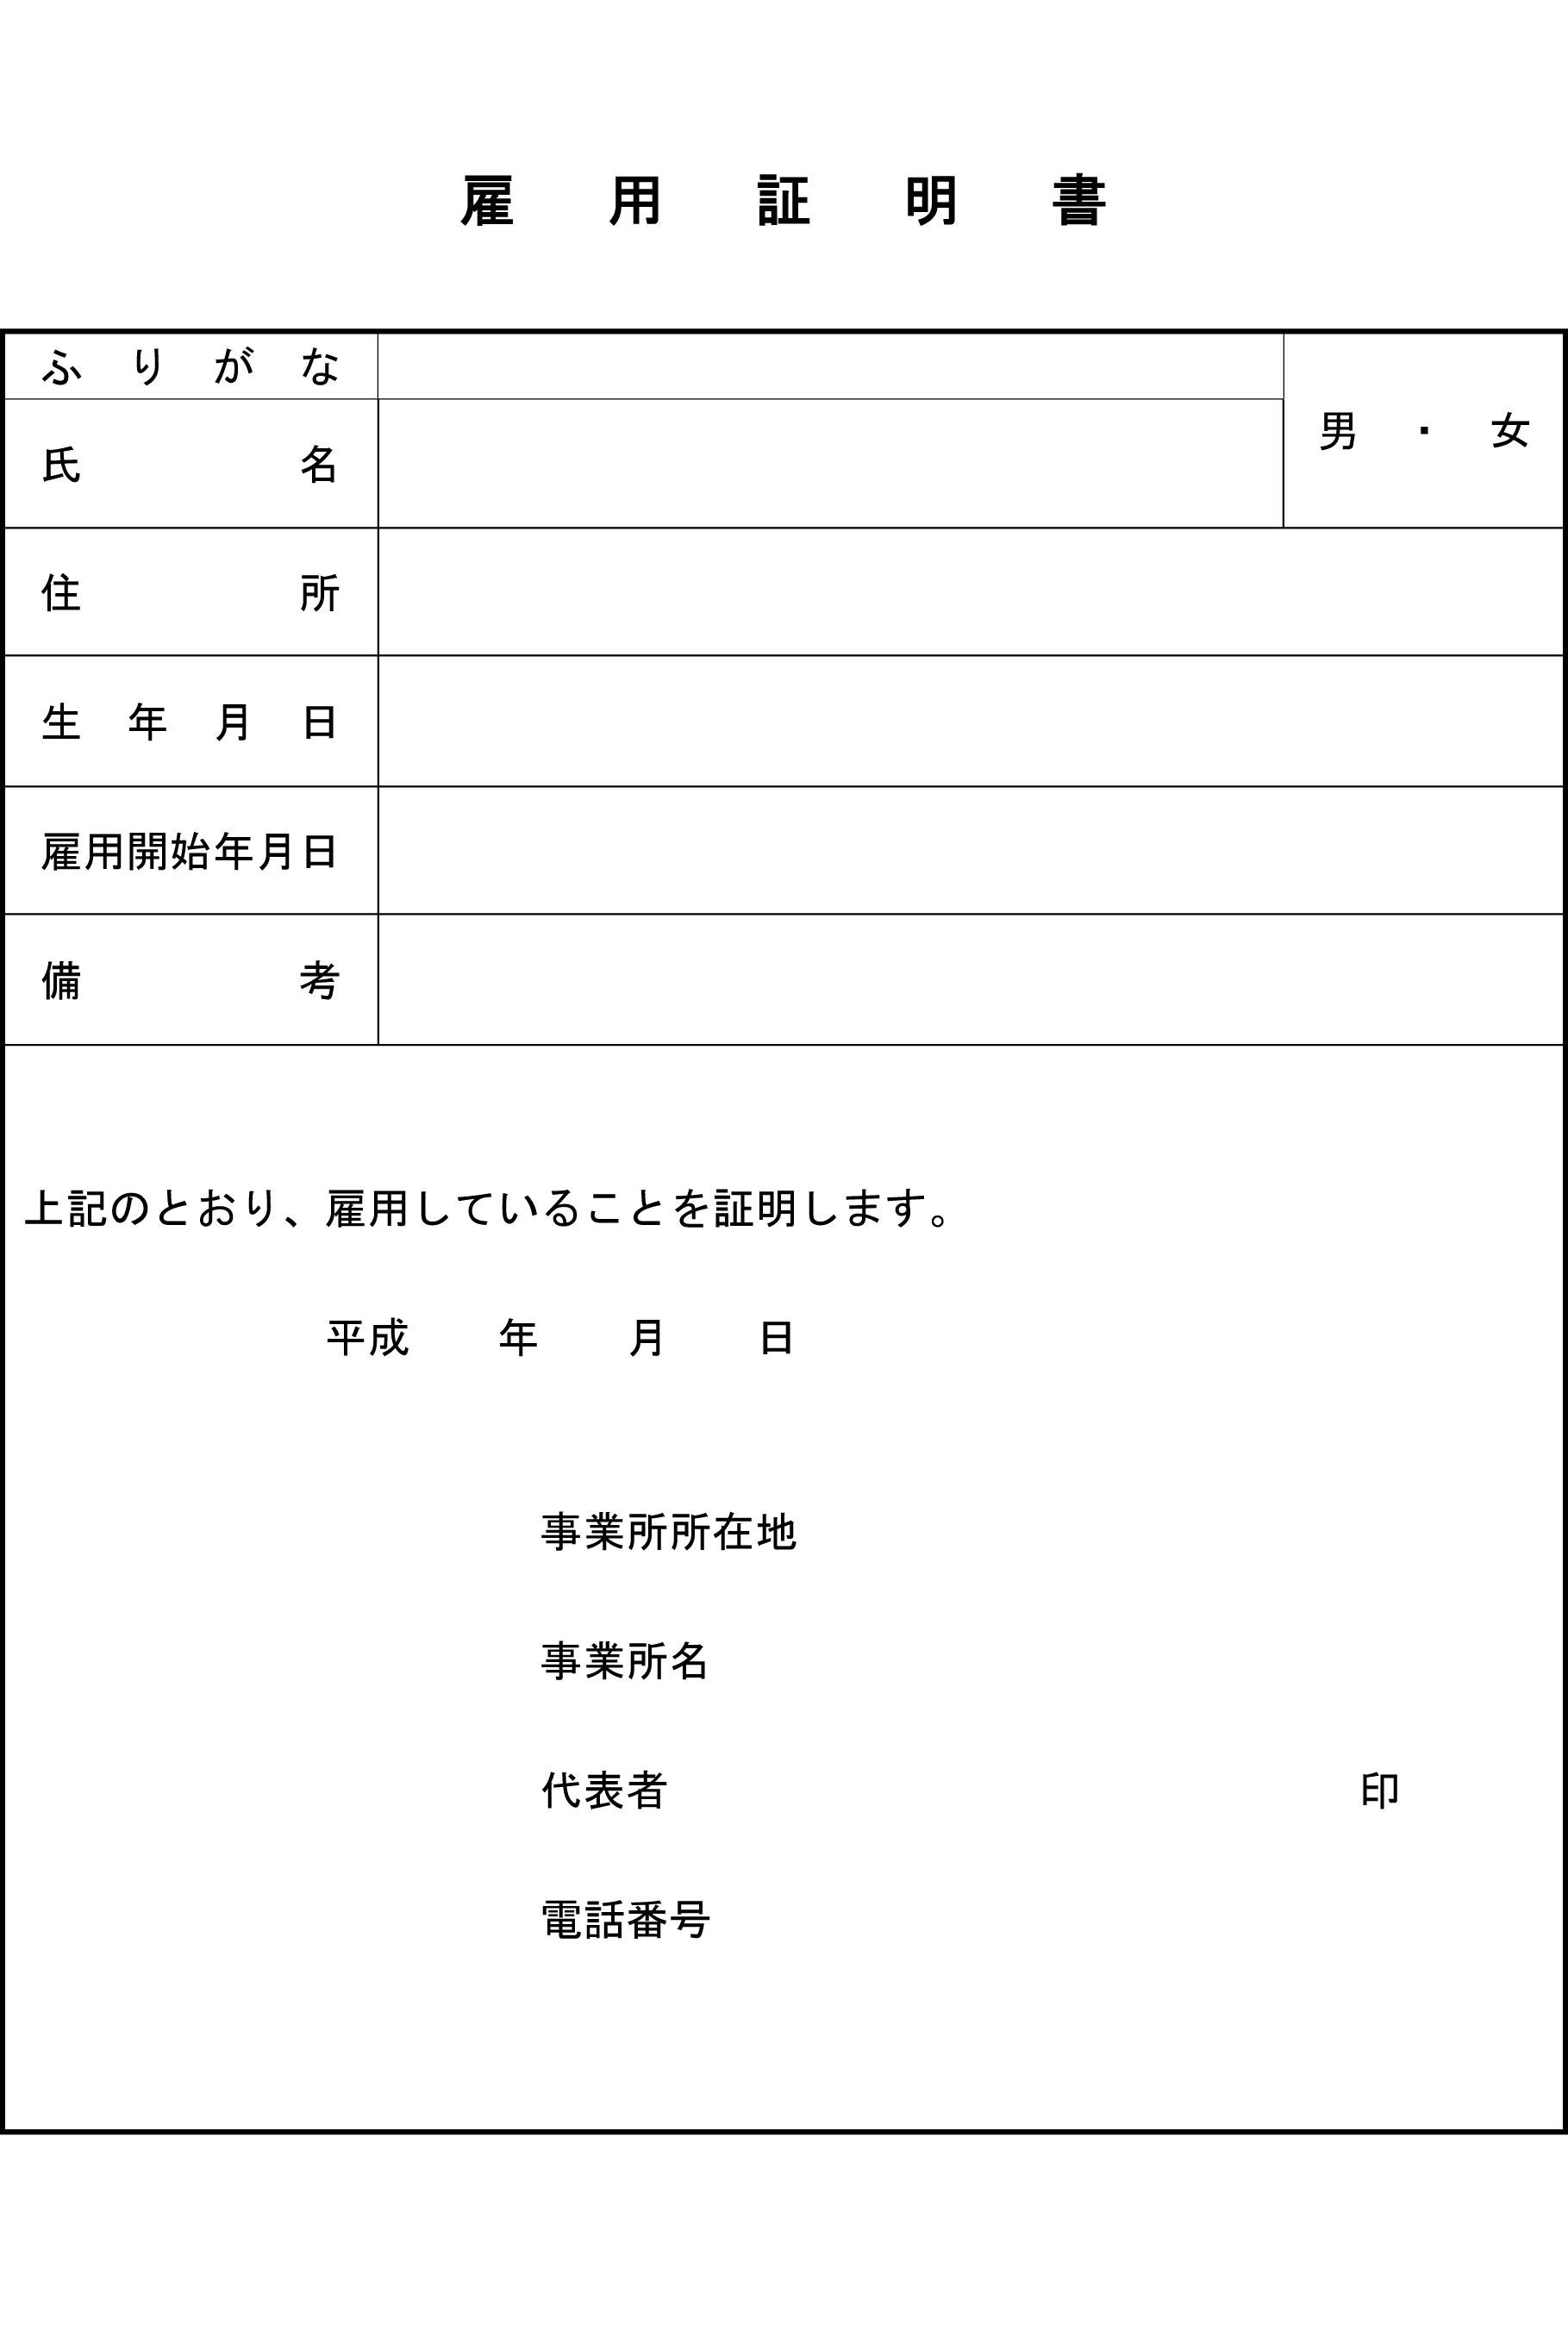 雇用証明書08